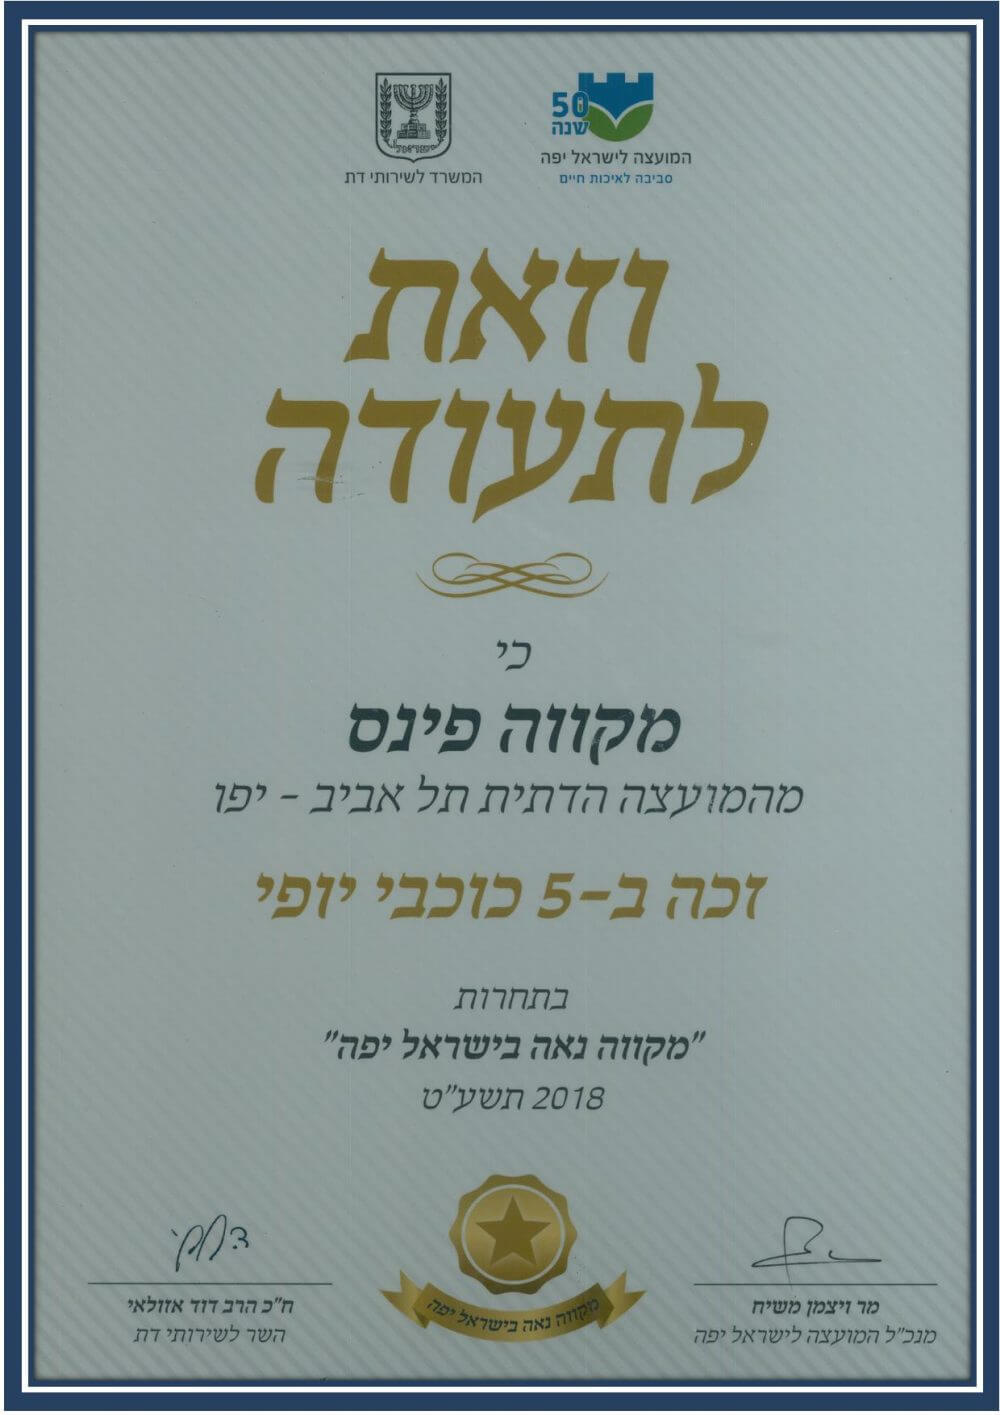 פרס מקווה נאה בישראל יפה למקווה פינס שבנווה צדק